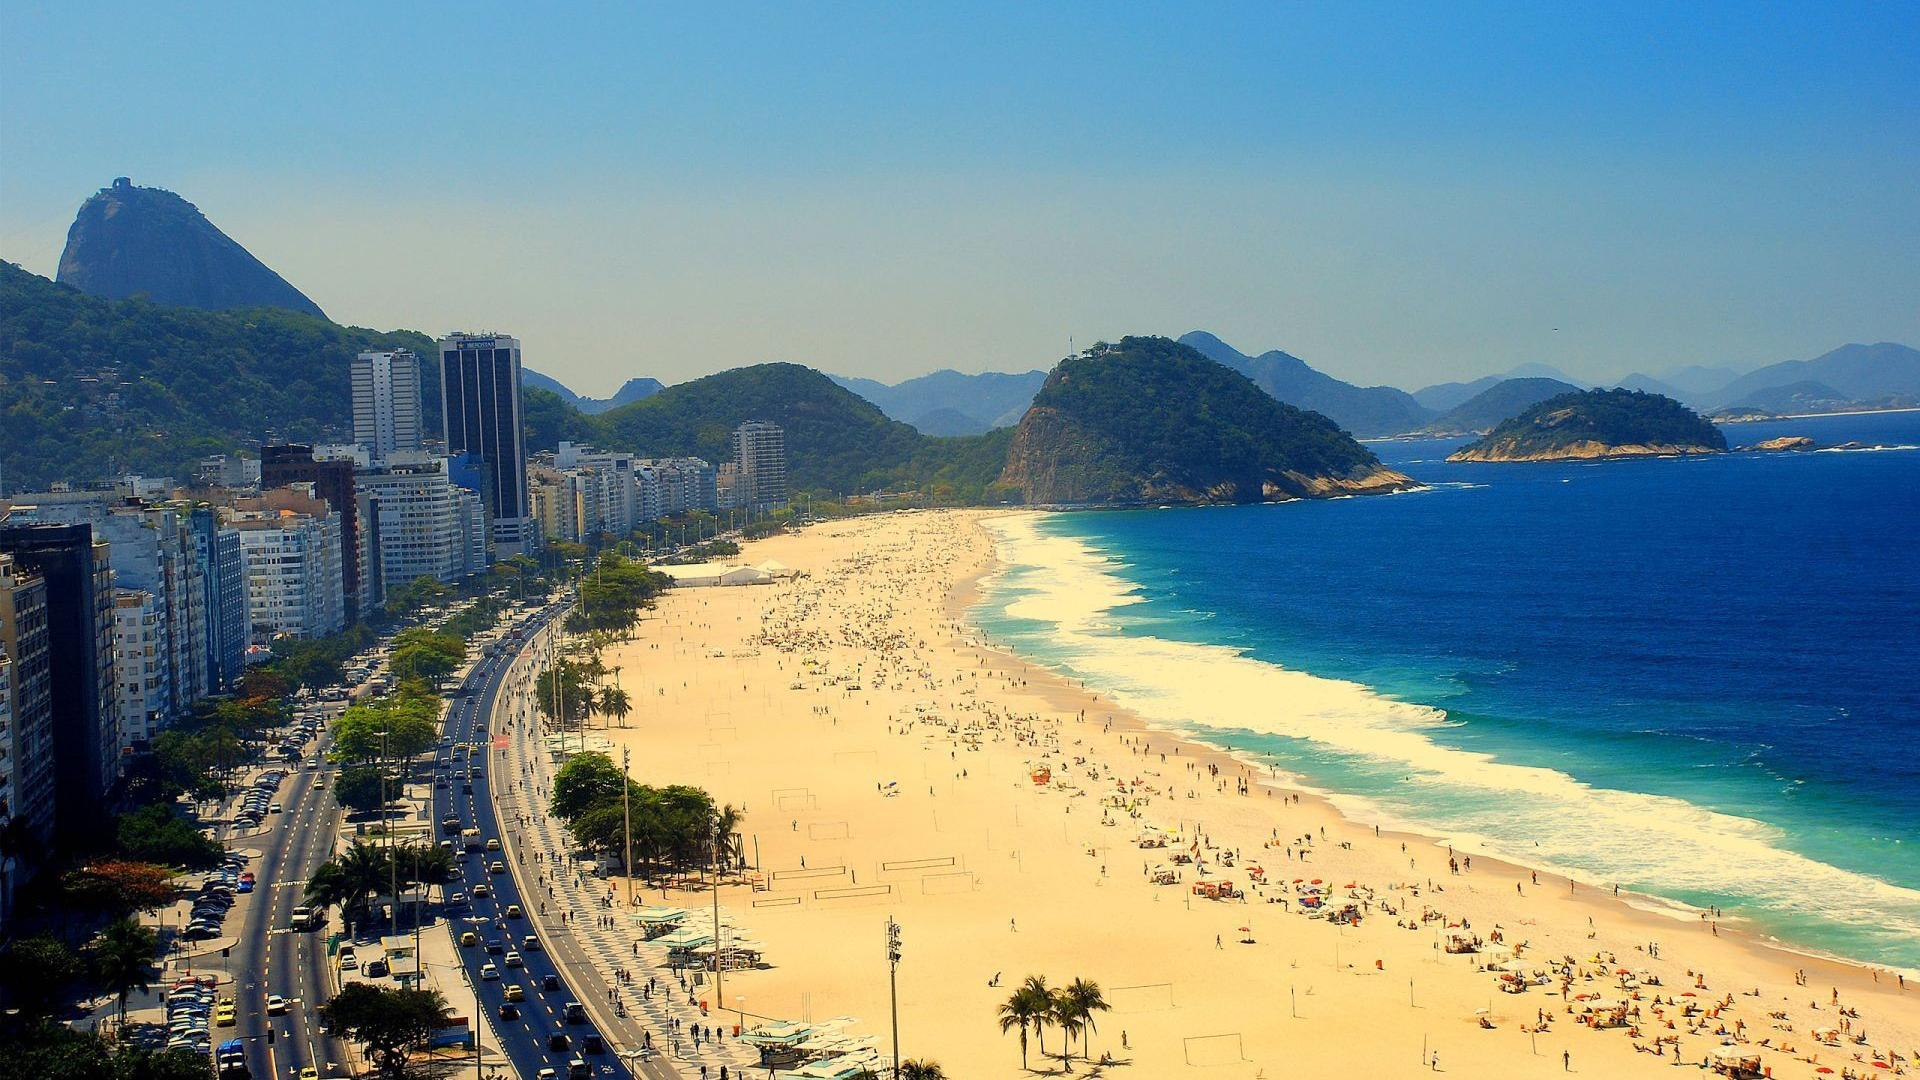 里约风景摄影电脑壁纸